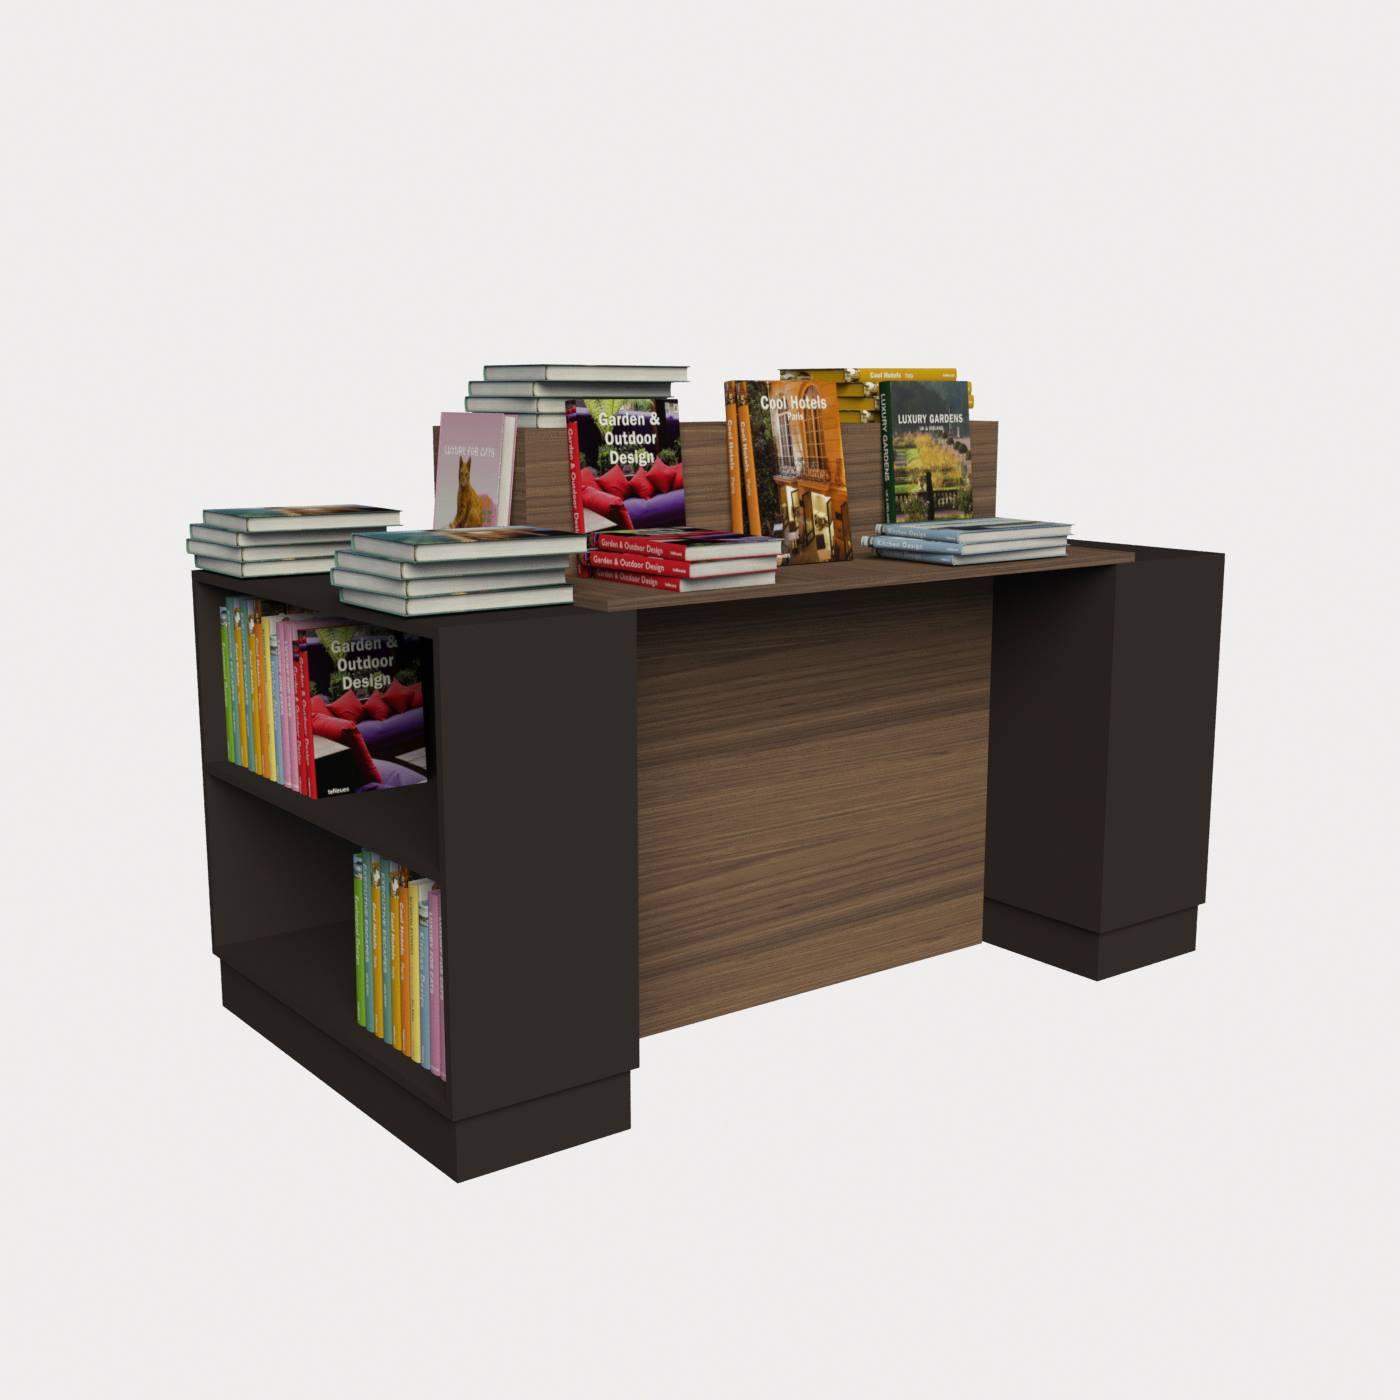 Γόνδολα ραφιέρα βιβλιοπωλείου έπιπλα βιβλιοπωλείων γόνδολες καταστημάτων πάγκοι για βιβλία